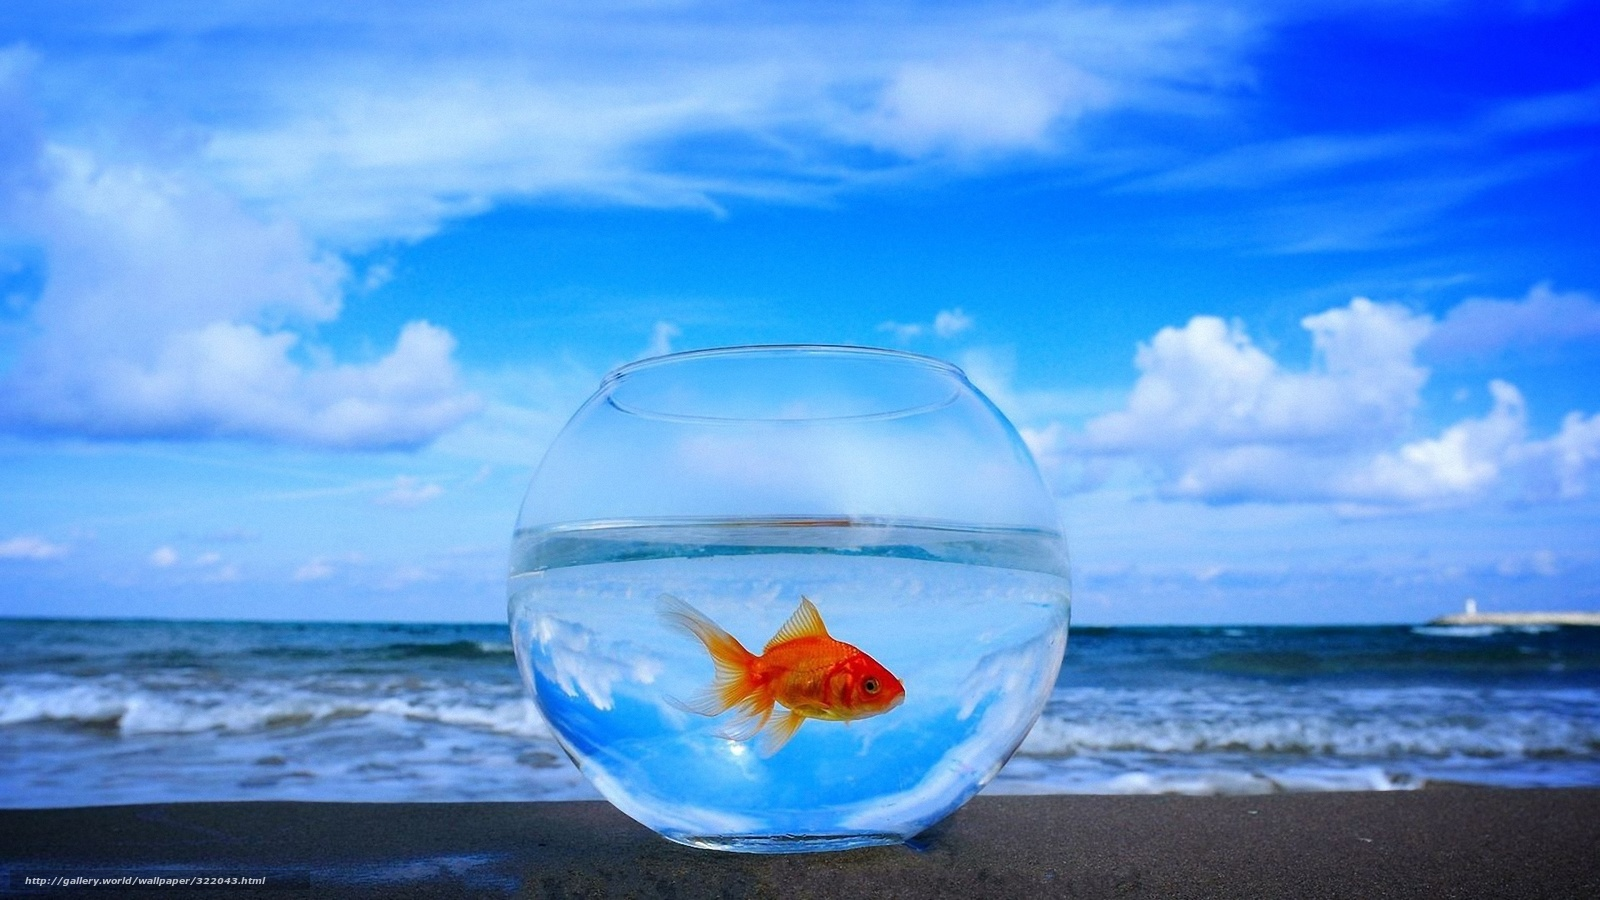 обои на рабочий стол аквариум с движущимися рыбками